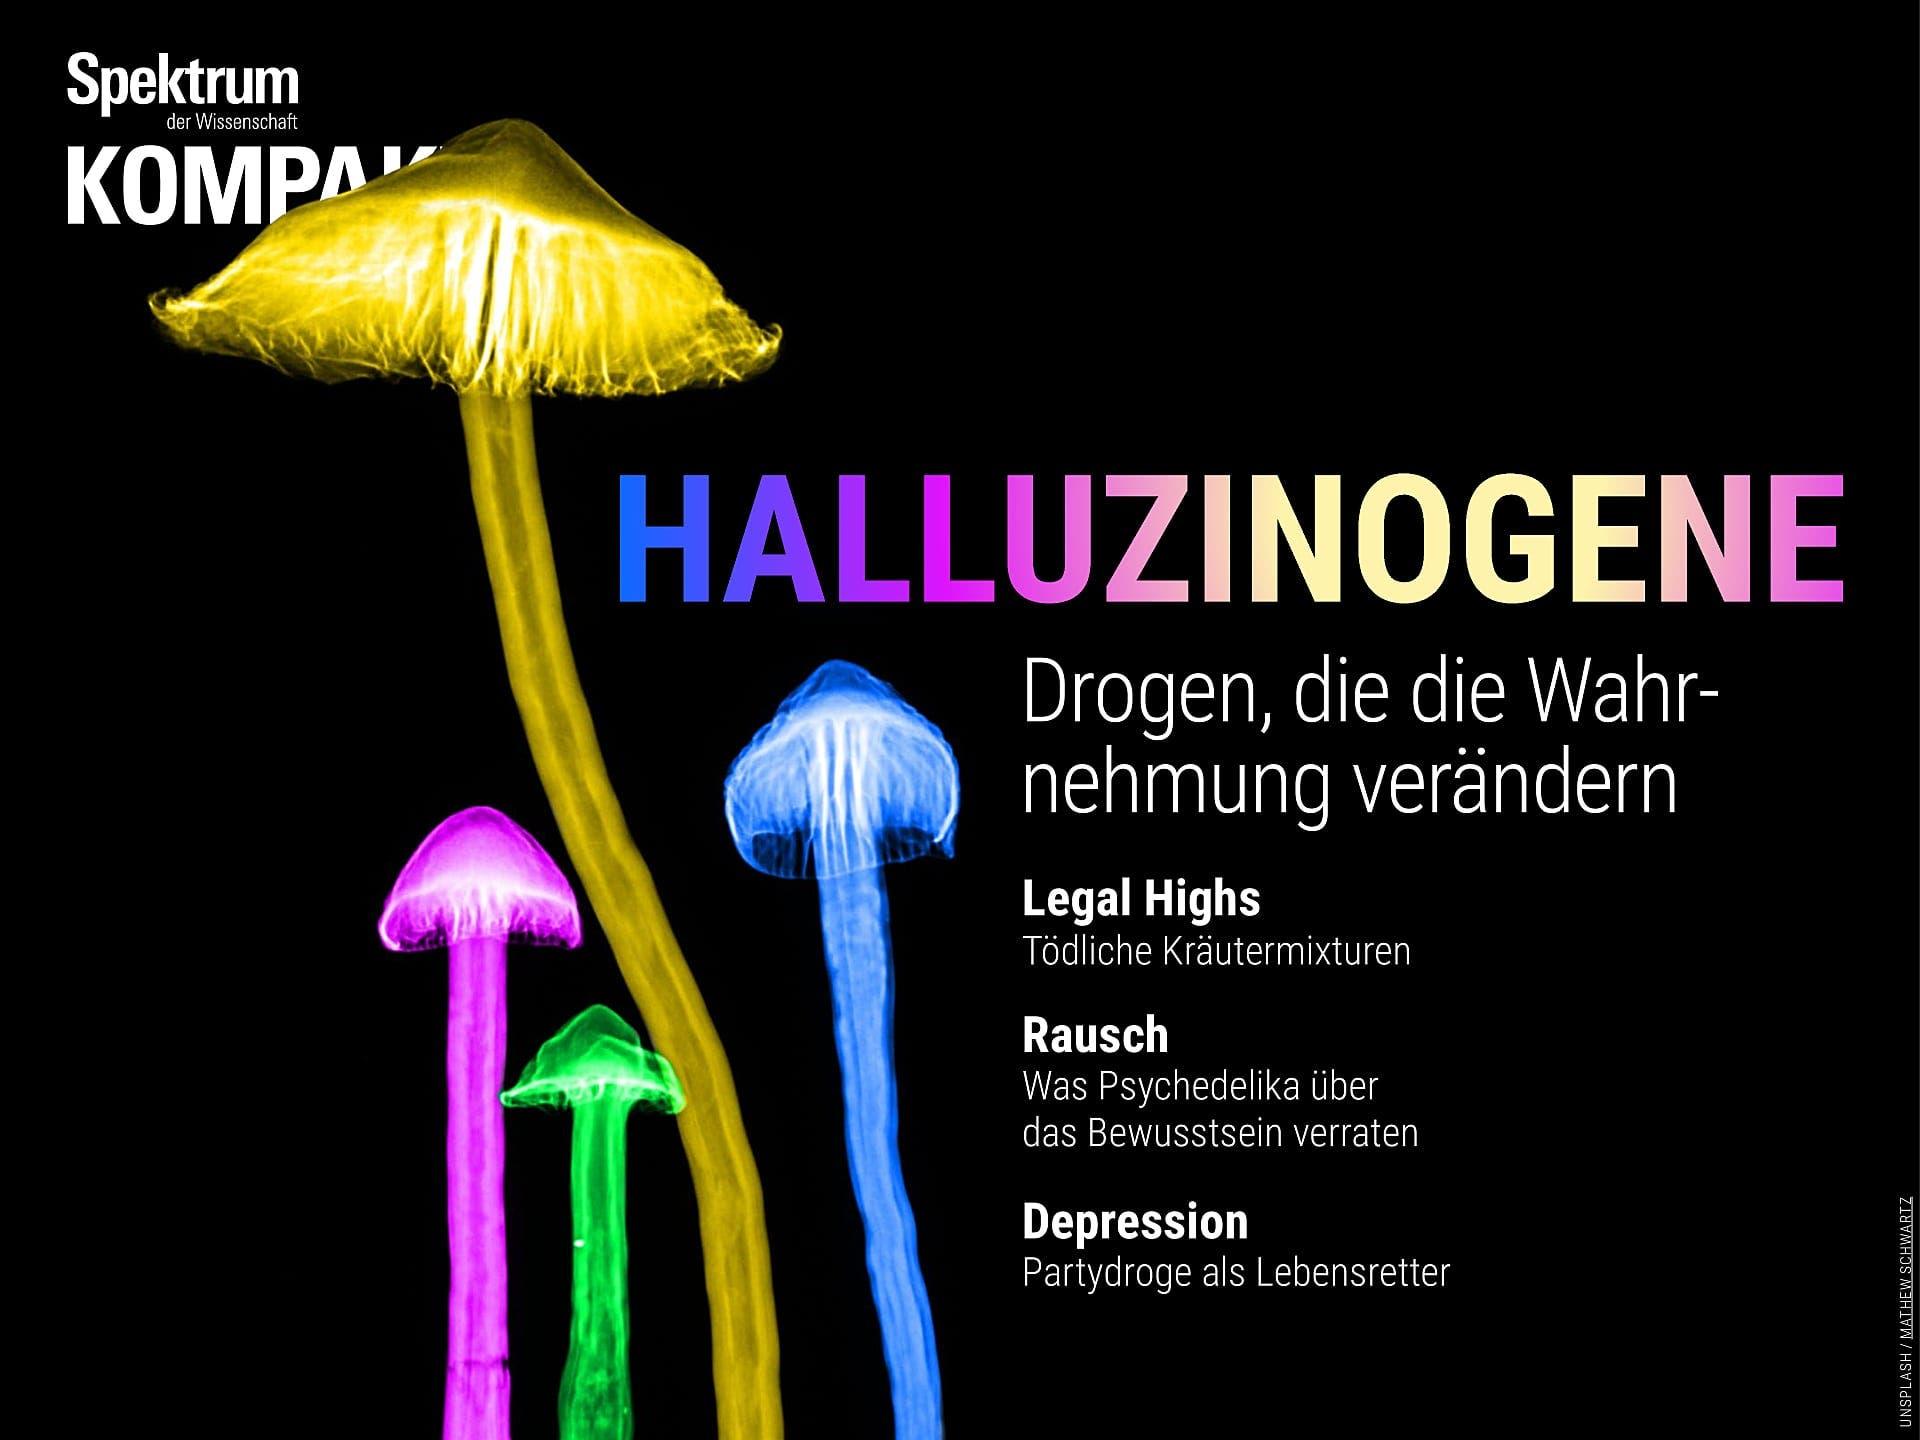 Halluzinogene - Drogen, die die Wahrnehmung verändern